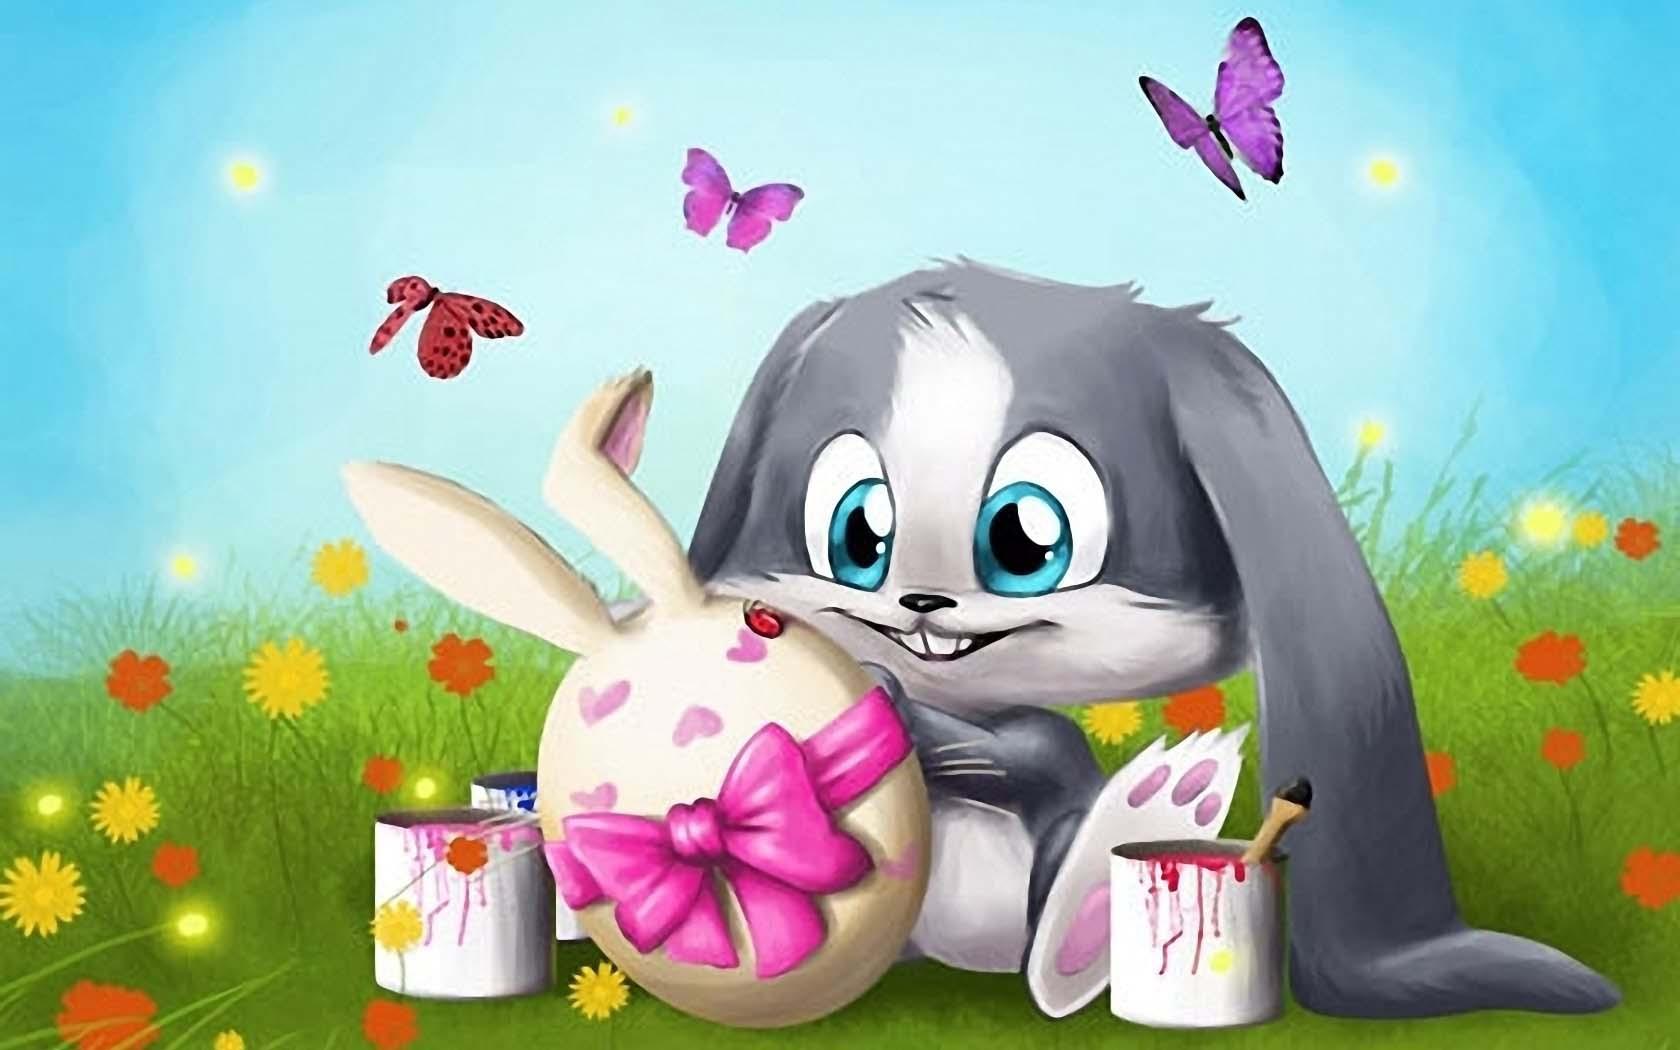 Hình ảnh vẽ thỏ hoạt hình đẹp